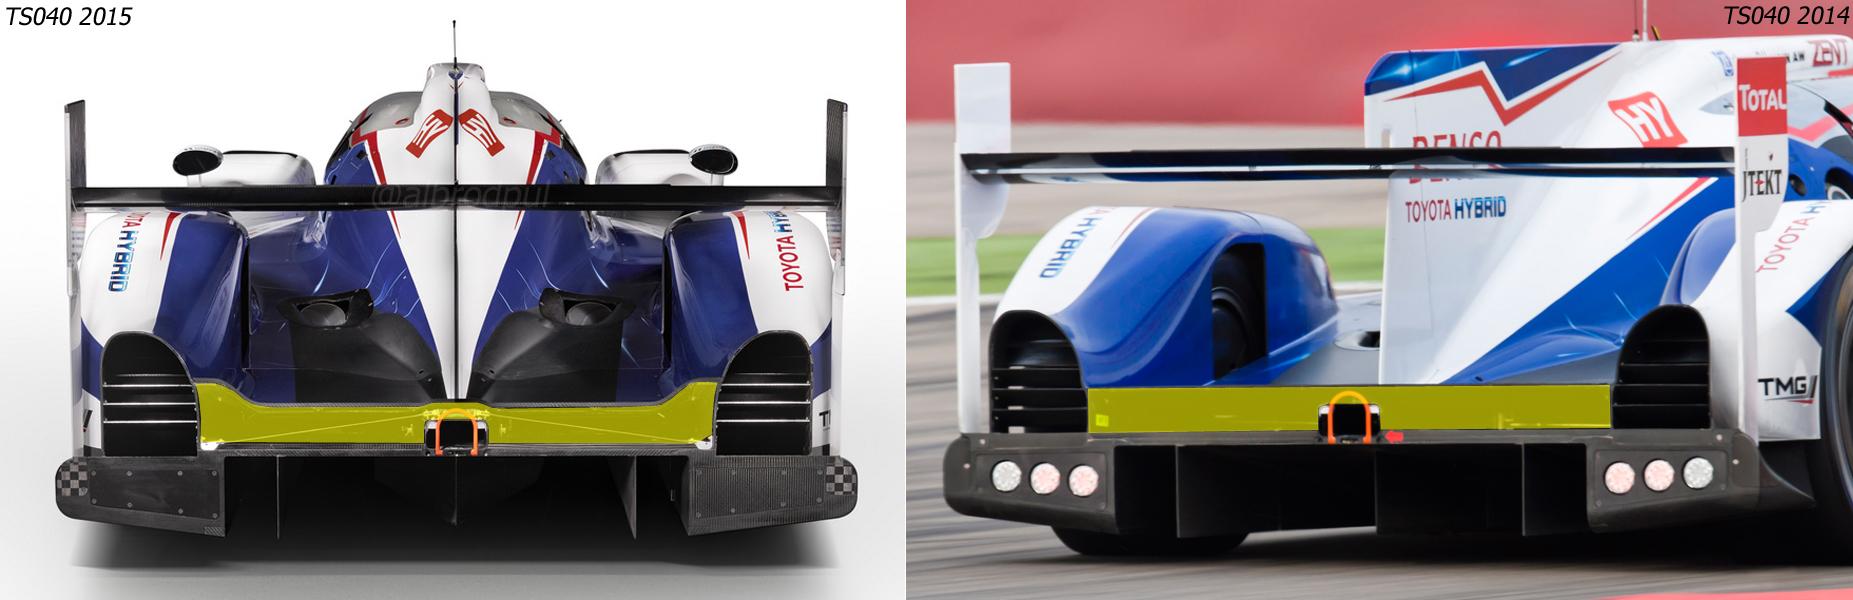 ts040-rear